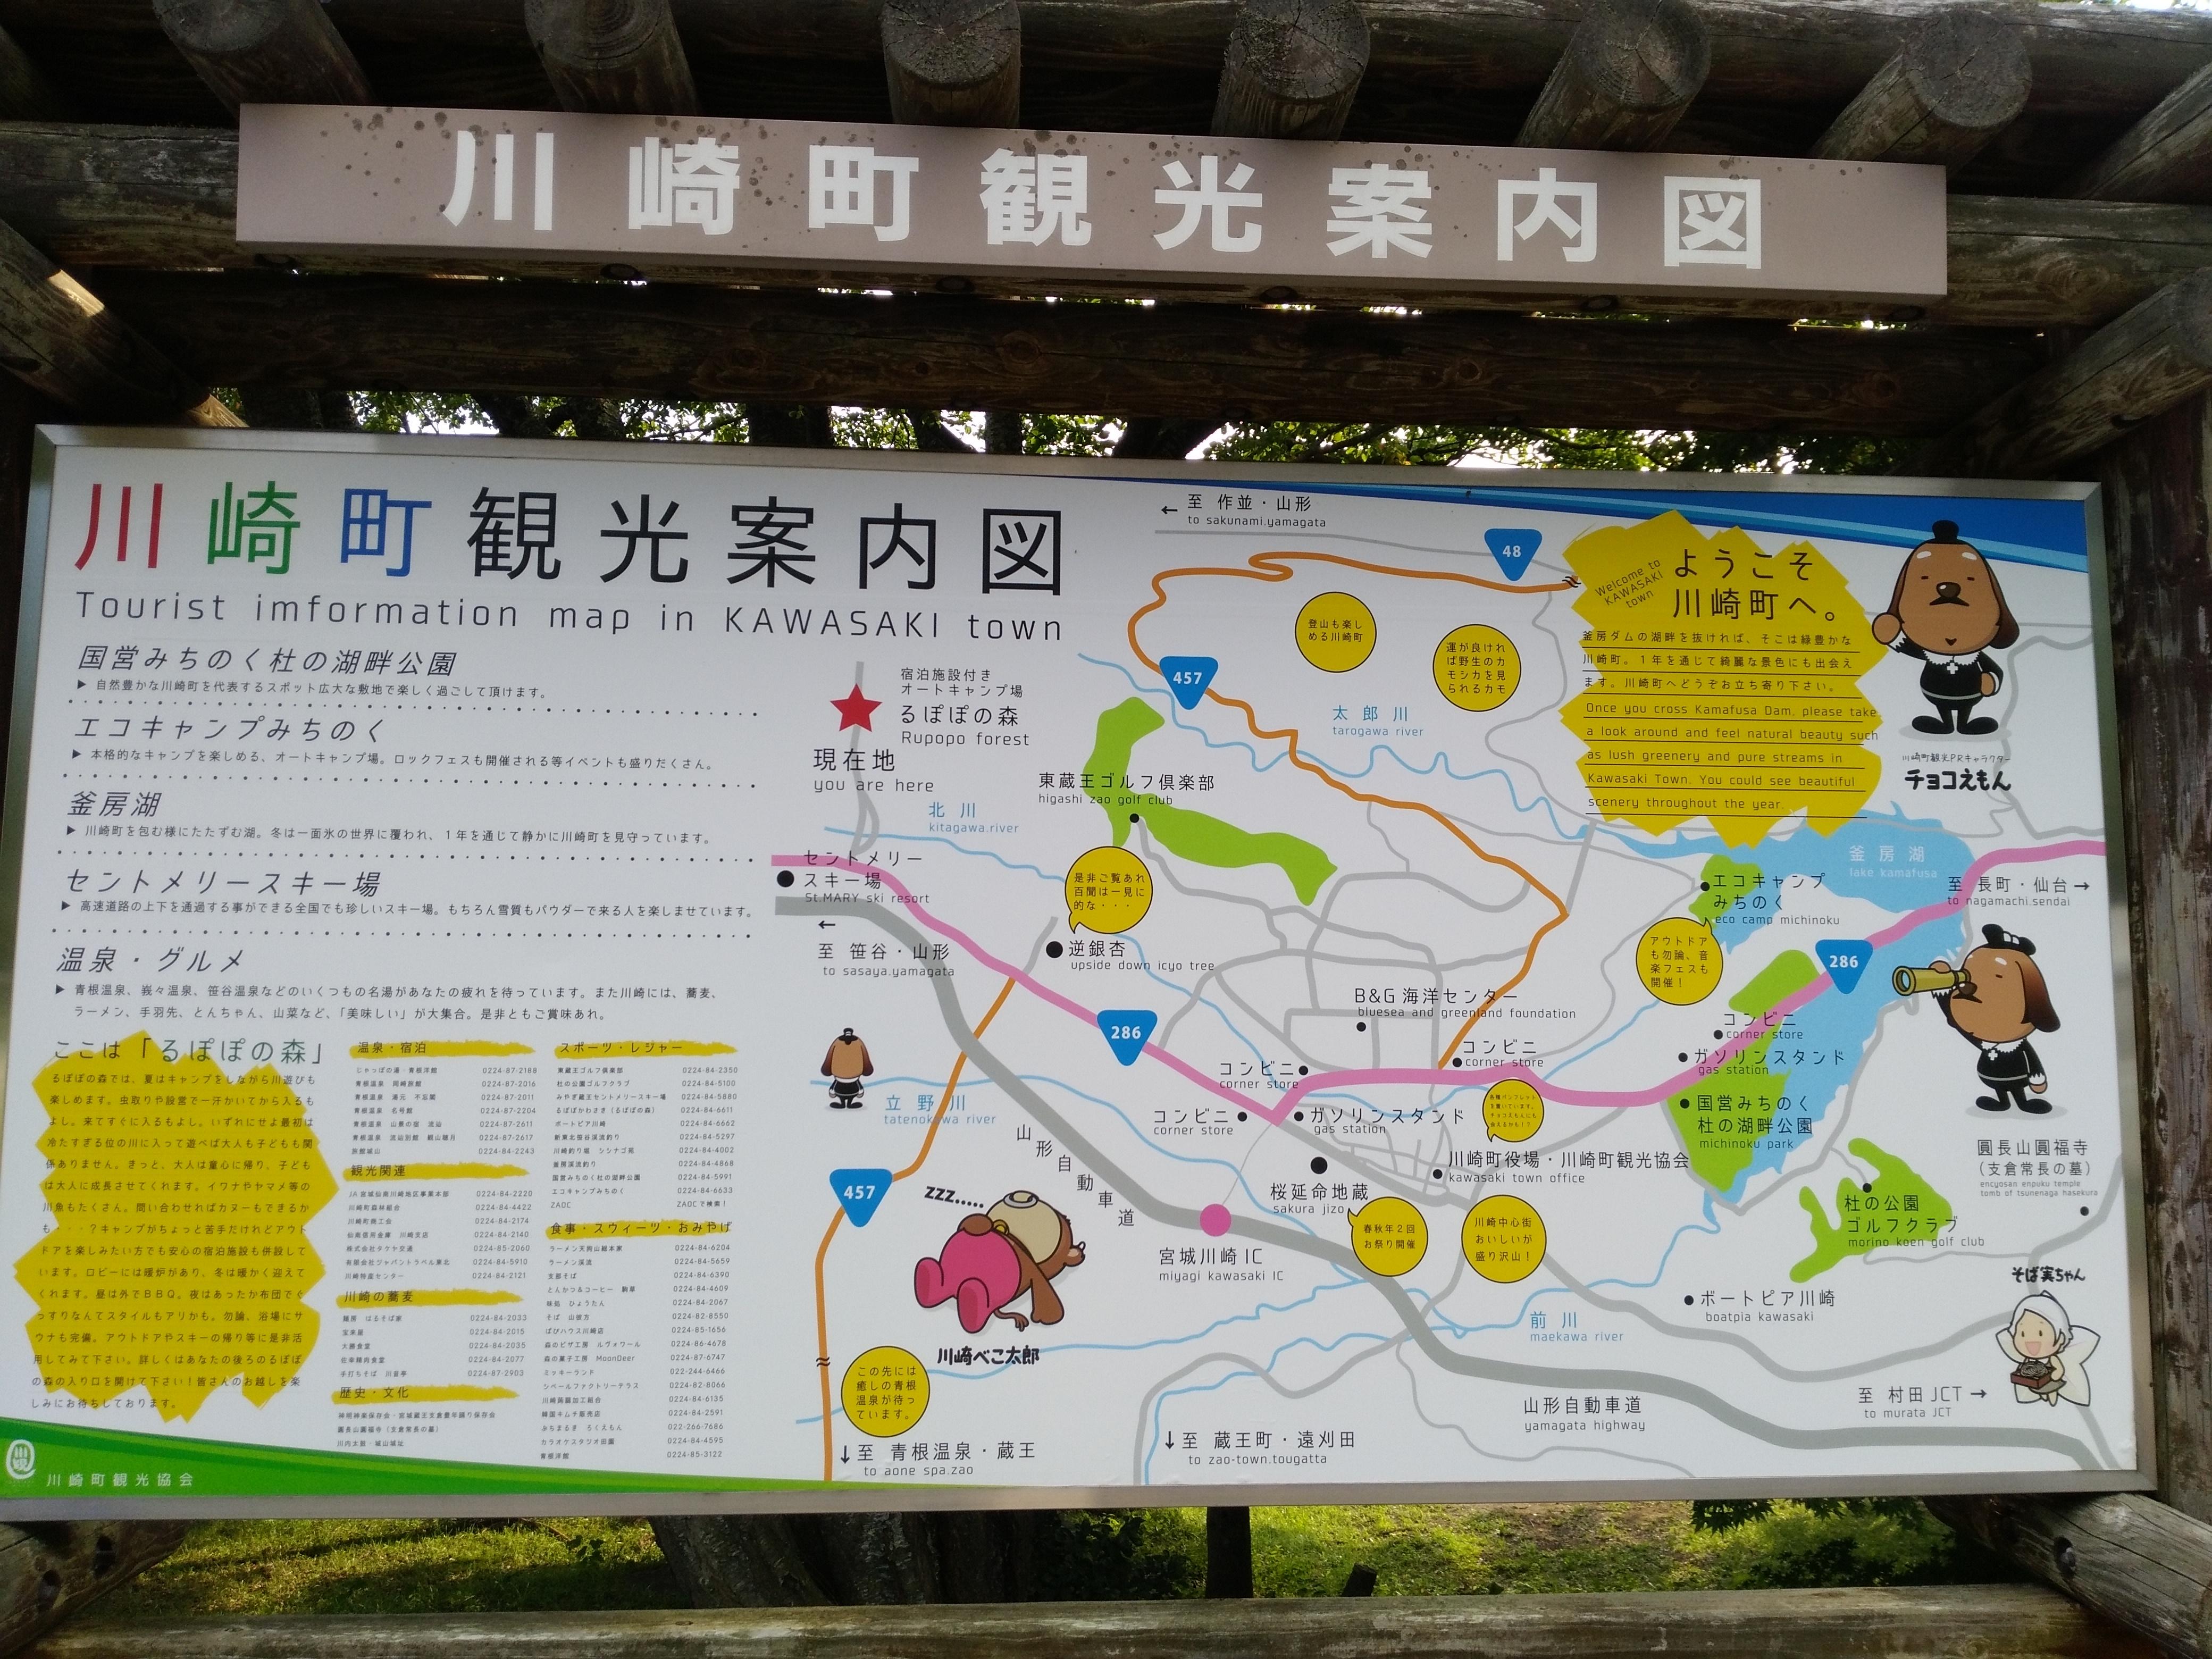 川崎町観光案内図